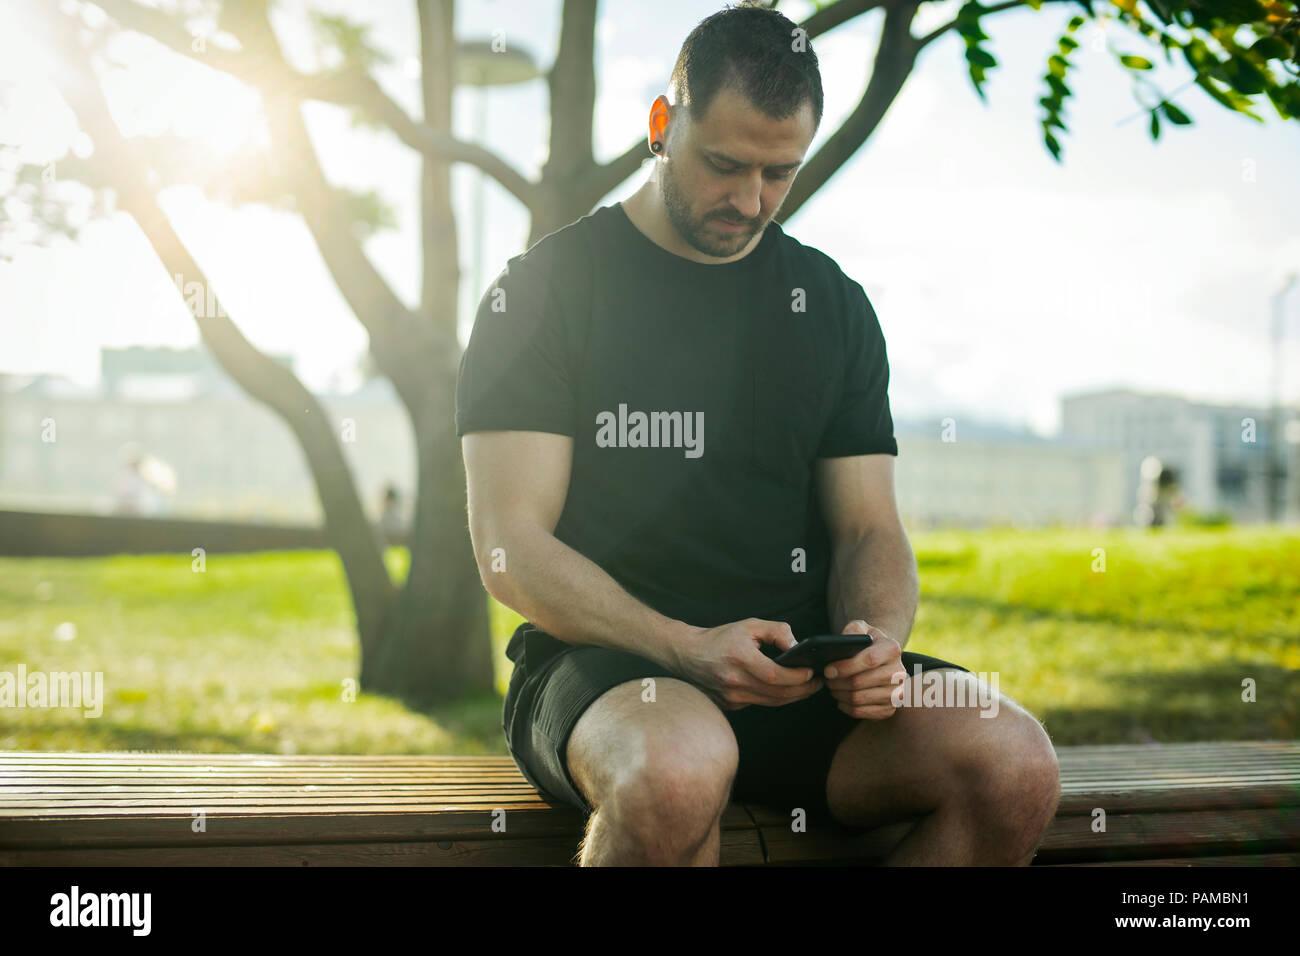 Chiusura del giovane uomo seduto al banco e la digitazione di un messaggio di testo sul telefono cellulare all'aperto nel parco. Vista frontale. Immagini Stock